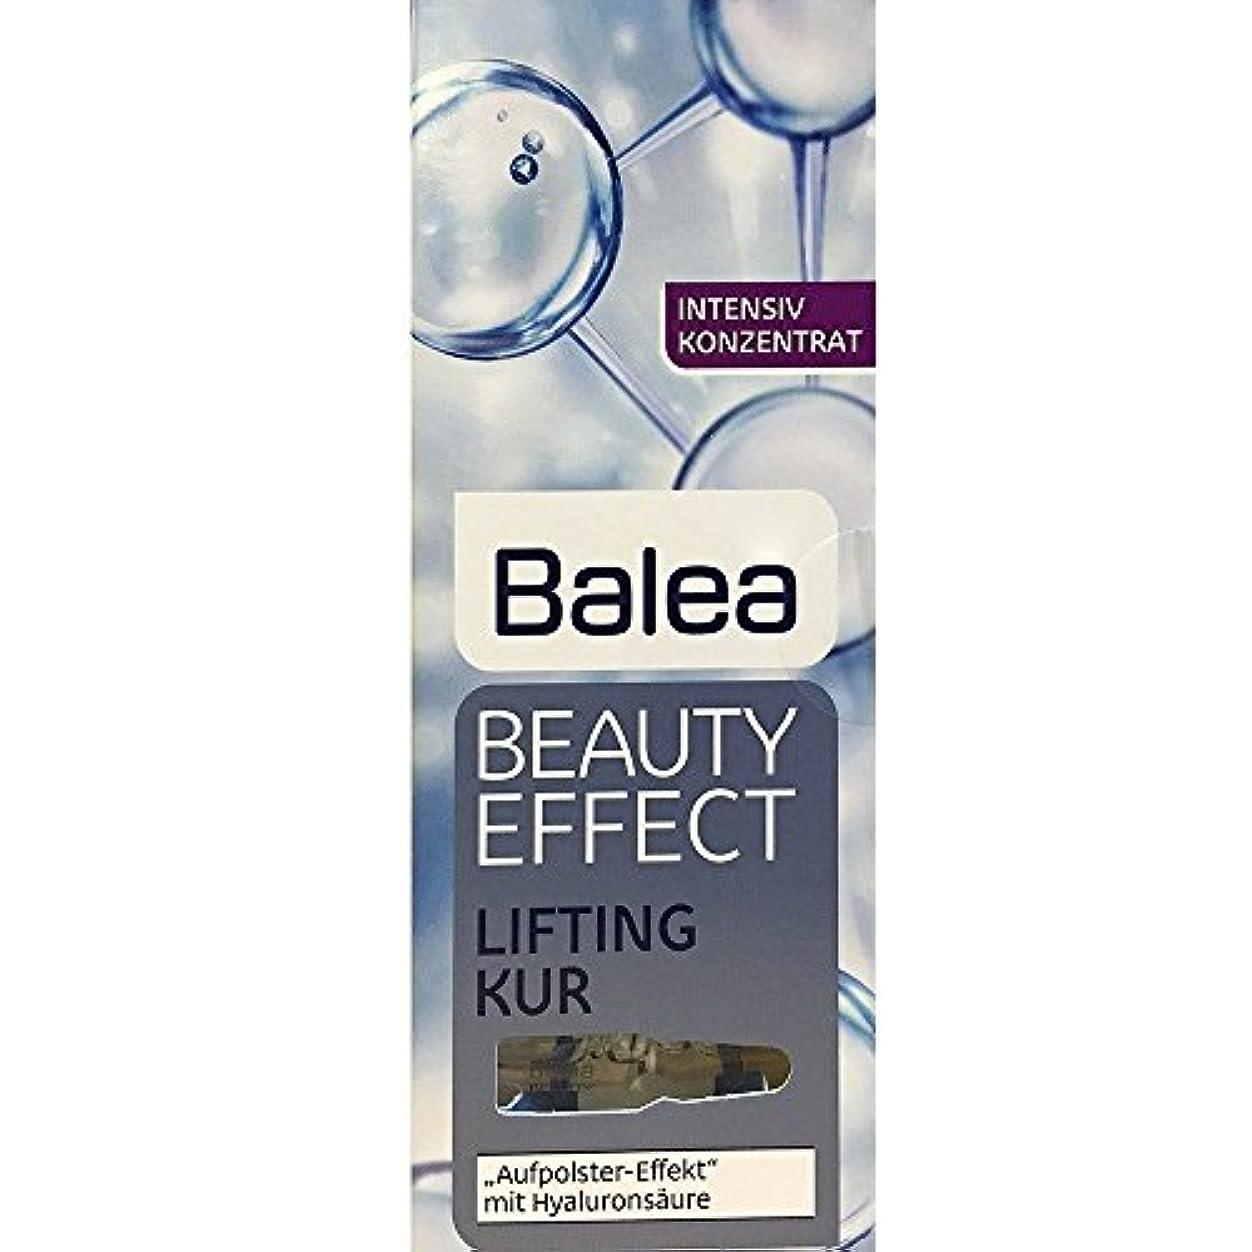 ヒロイン磁気スナッチBalea Beauty Effect Lifting Kur 7x1ml by Balea